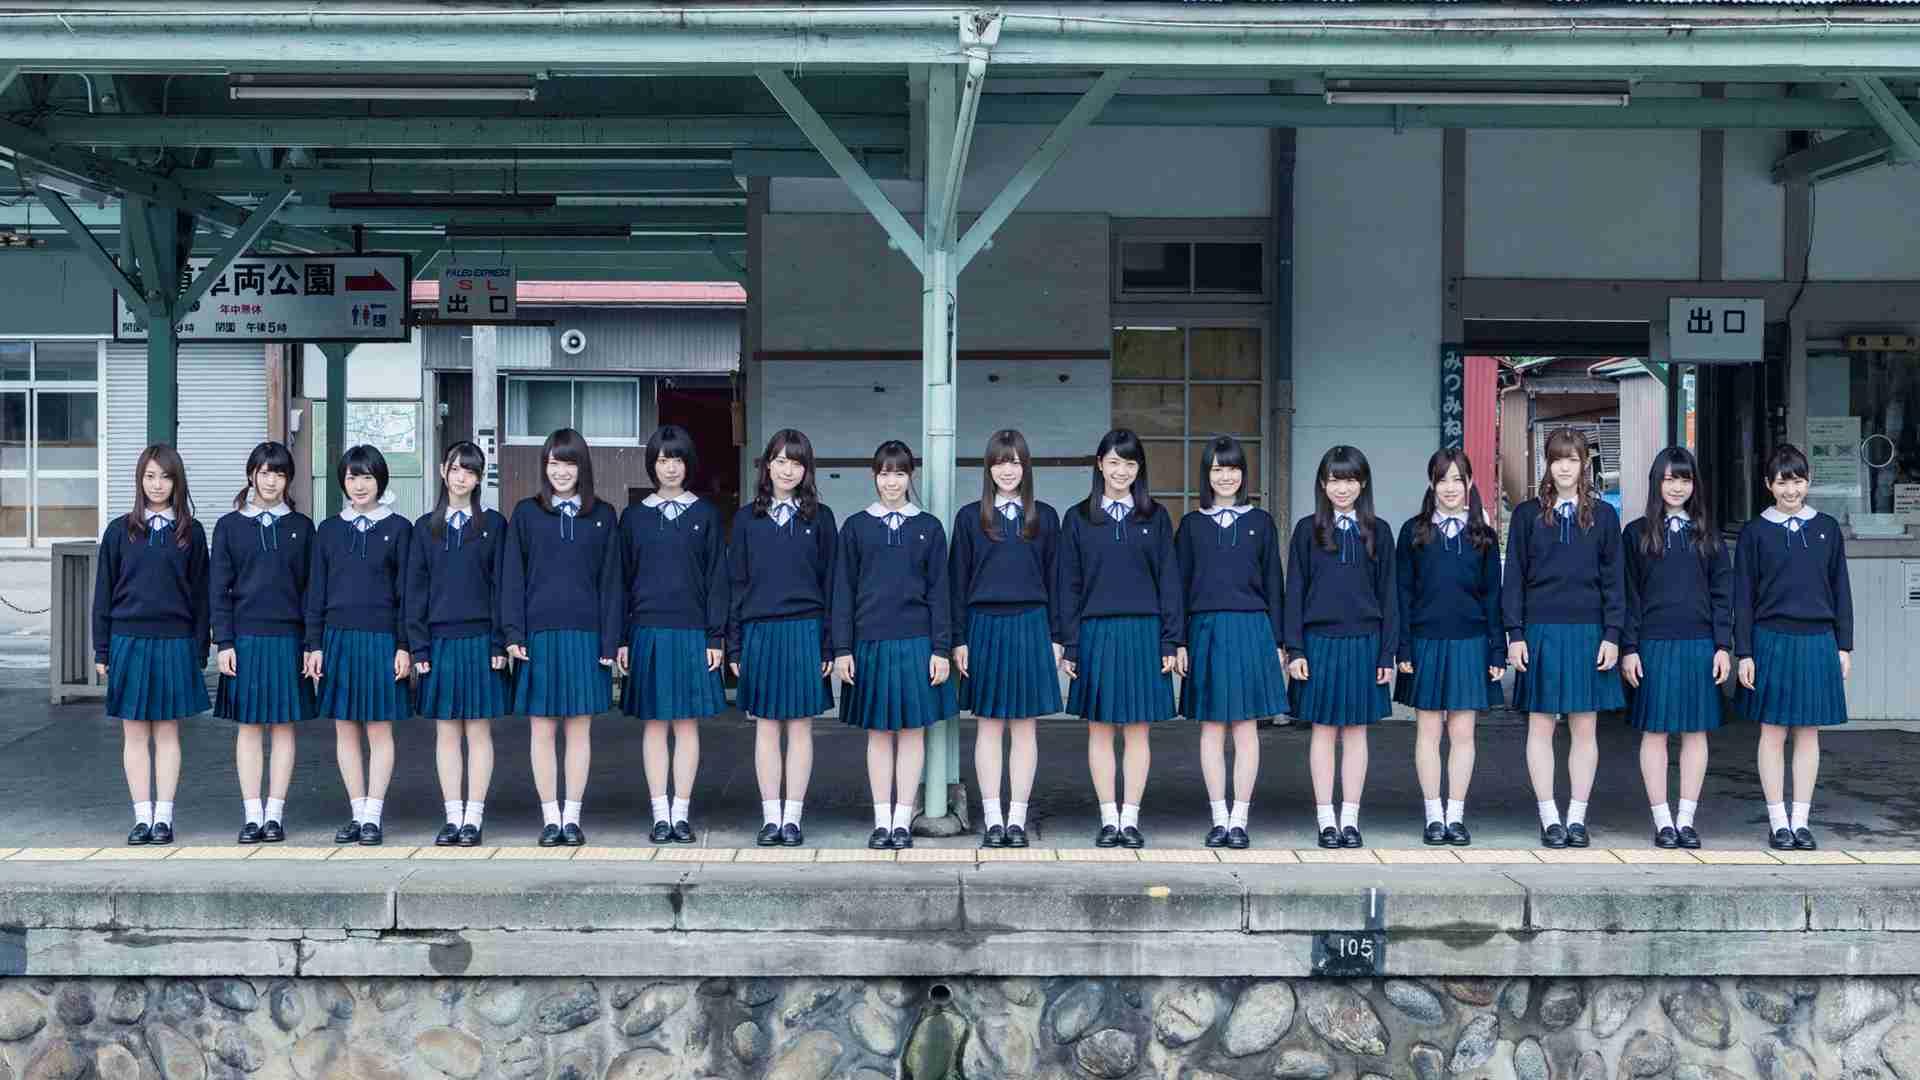 乃木坂46齋藤飛鳥&欅坂46平手友梨奈、センター同士の2ショット実現